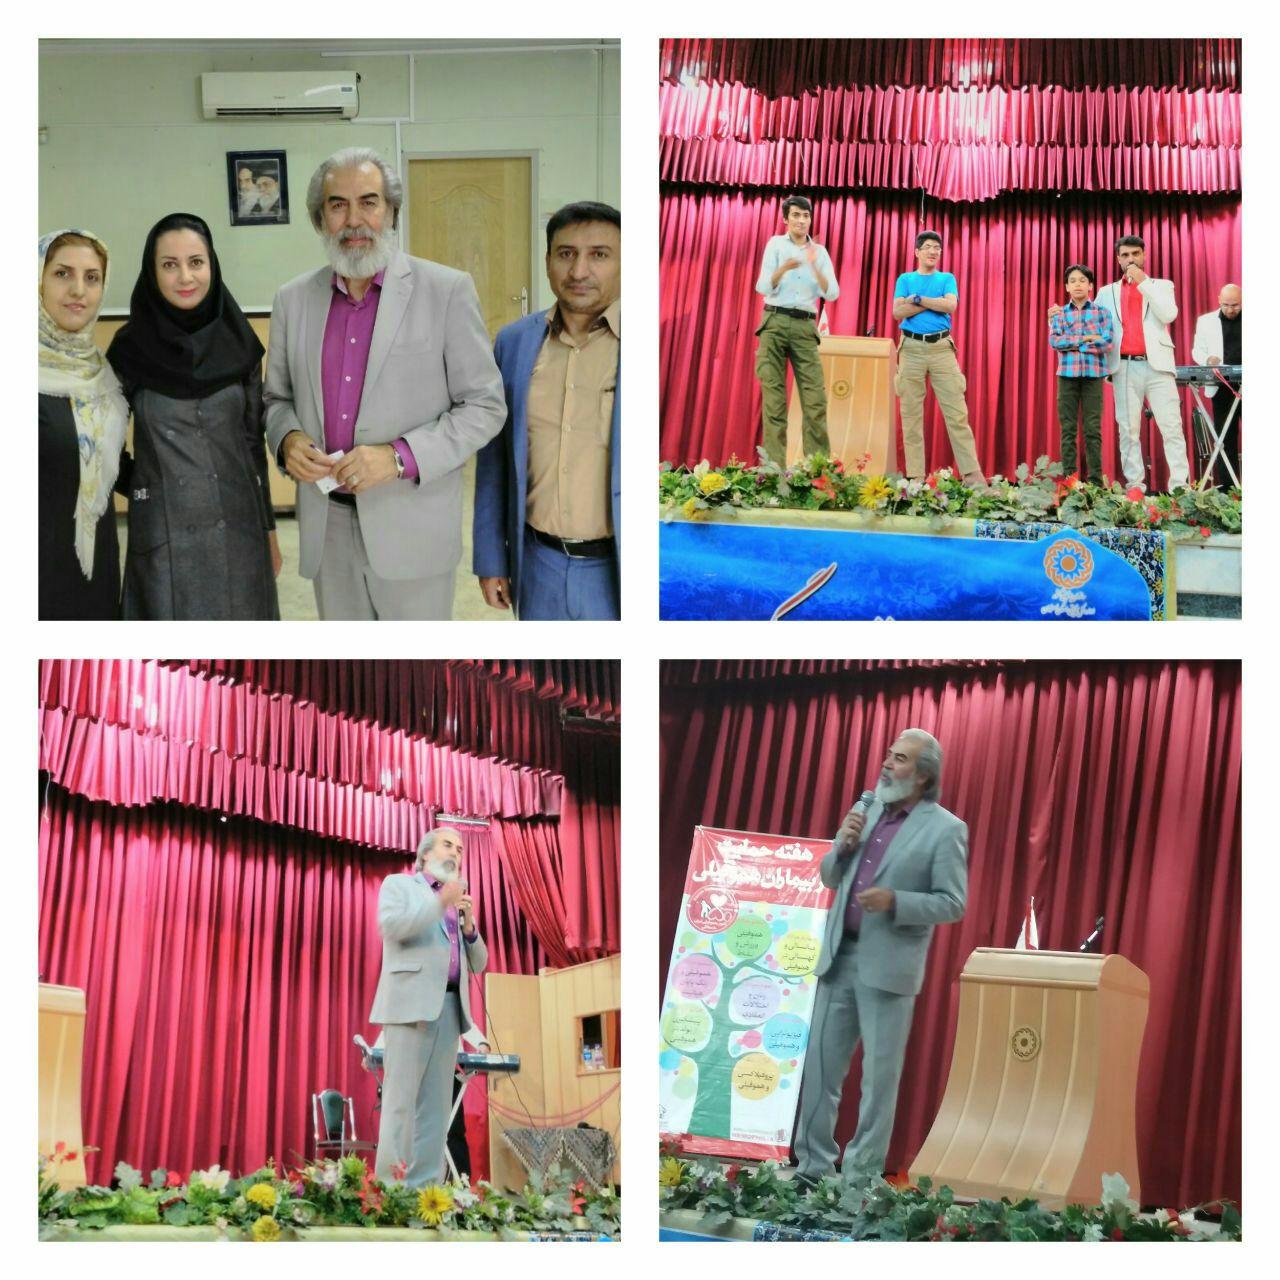 هموفیلی های اصفهان به مناسبت روز هموفیلی، میانسالی و کهنسالی گرد هم آمدند.